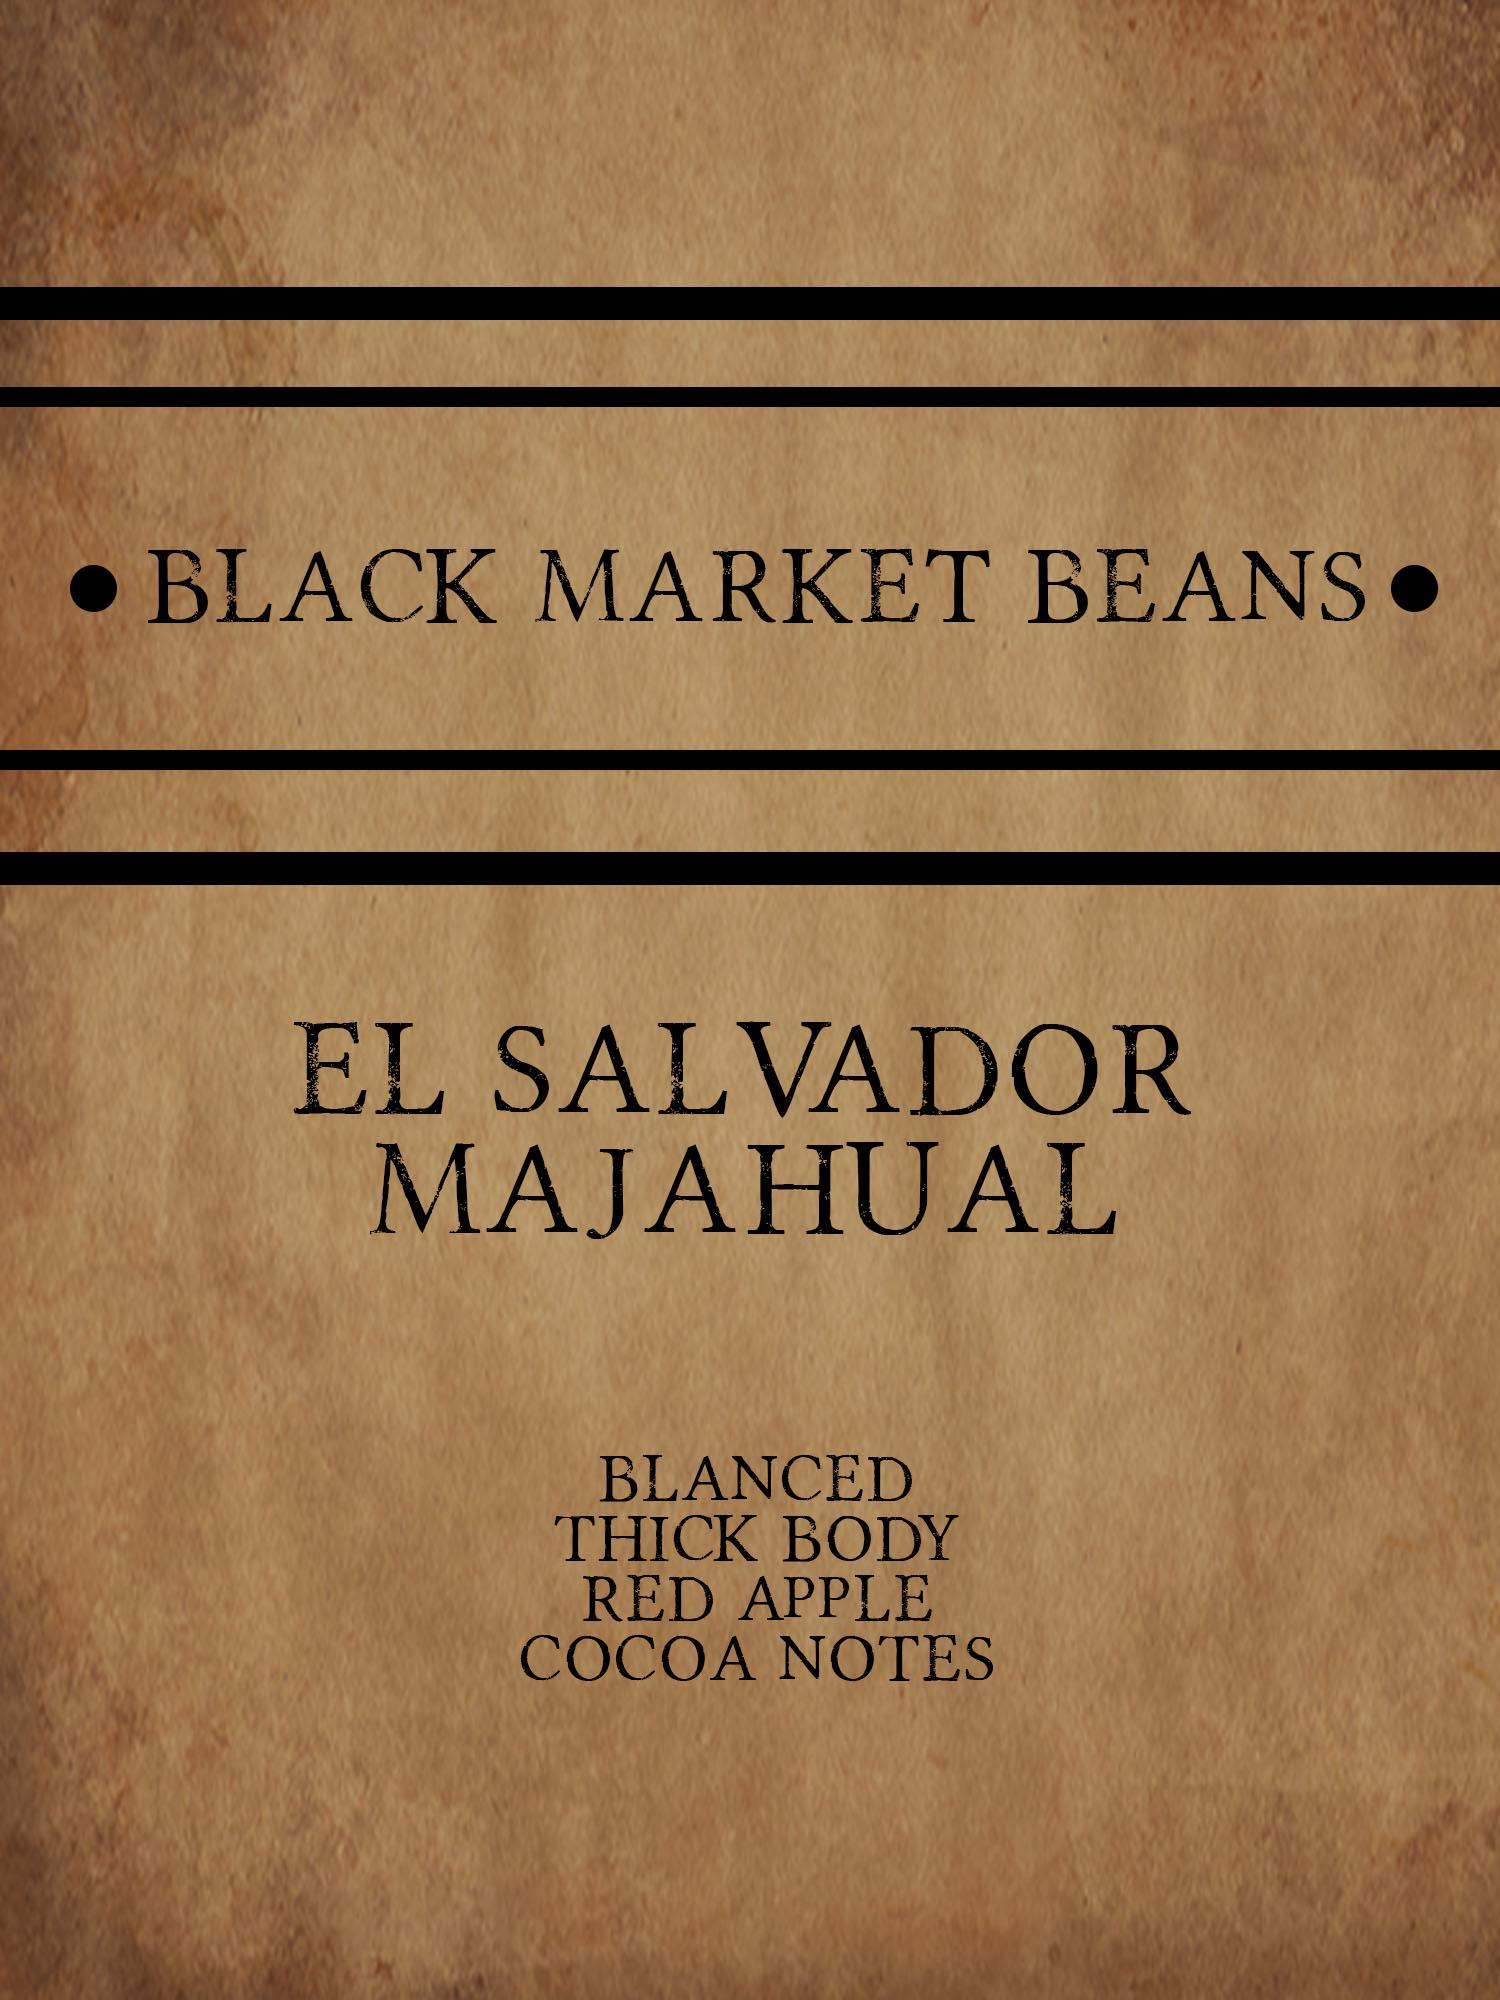 coffee_card_El_Salvador_Majahual.jpg